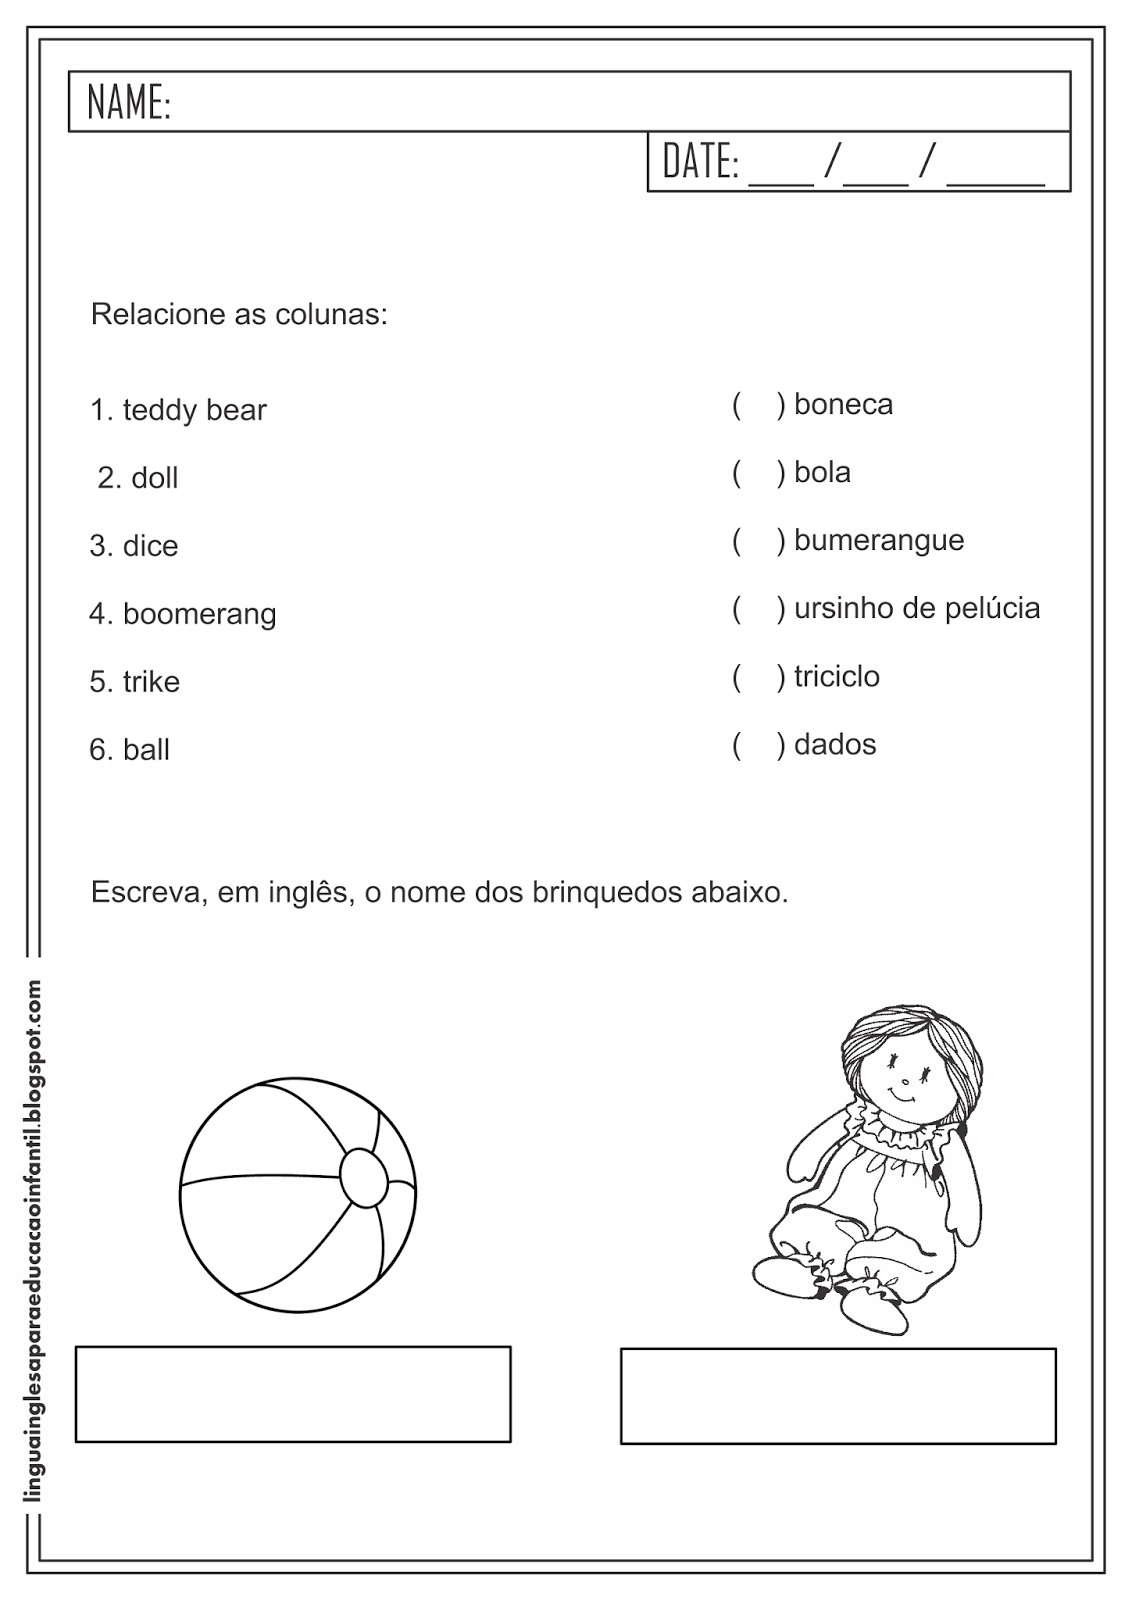 Atividade Educativa de Inglês - Vocabulário - Brinquedos